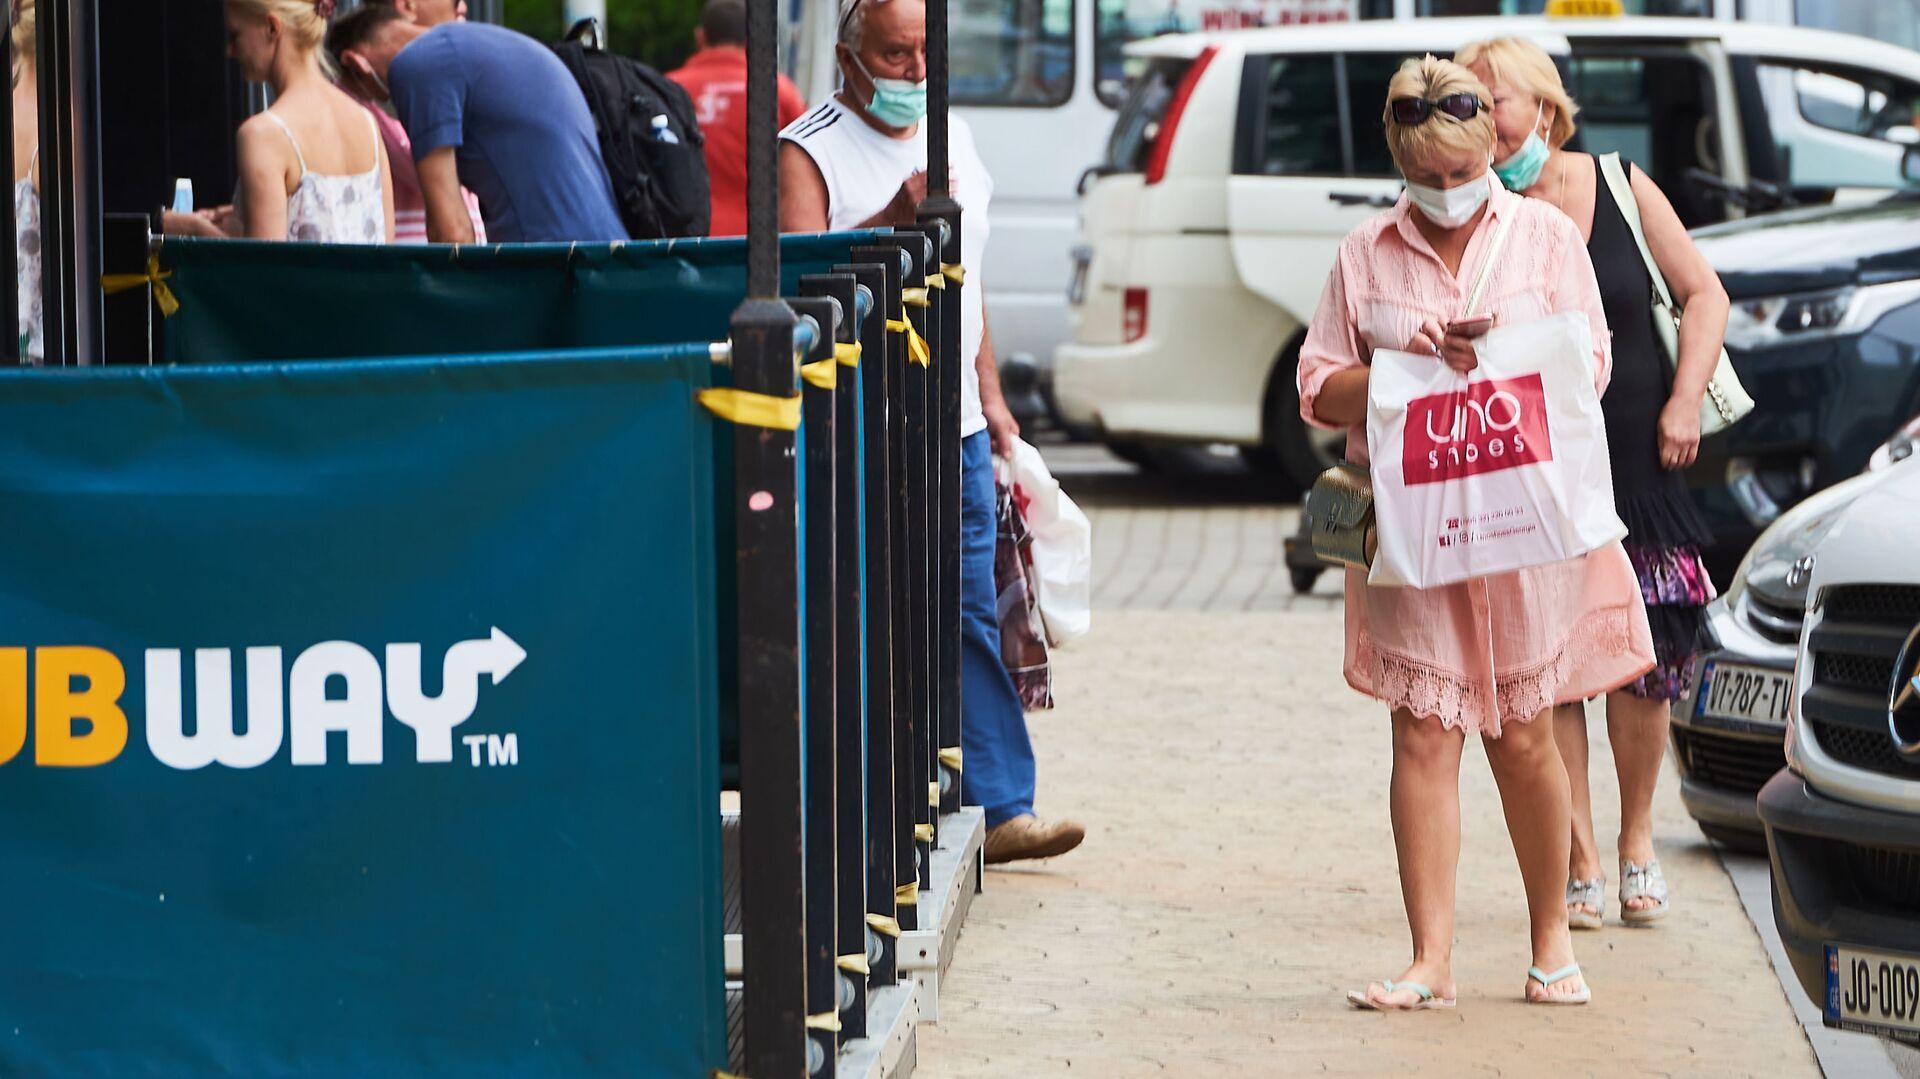 Эпидемия коронавируса - прохожие на улице в масках - Sputnik Грузия, 1920, 12.09.2021